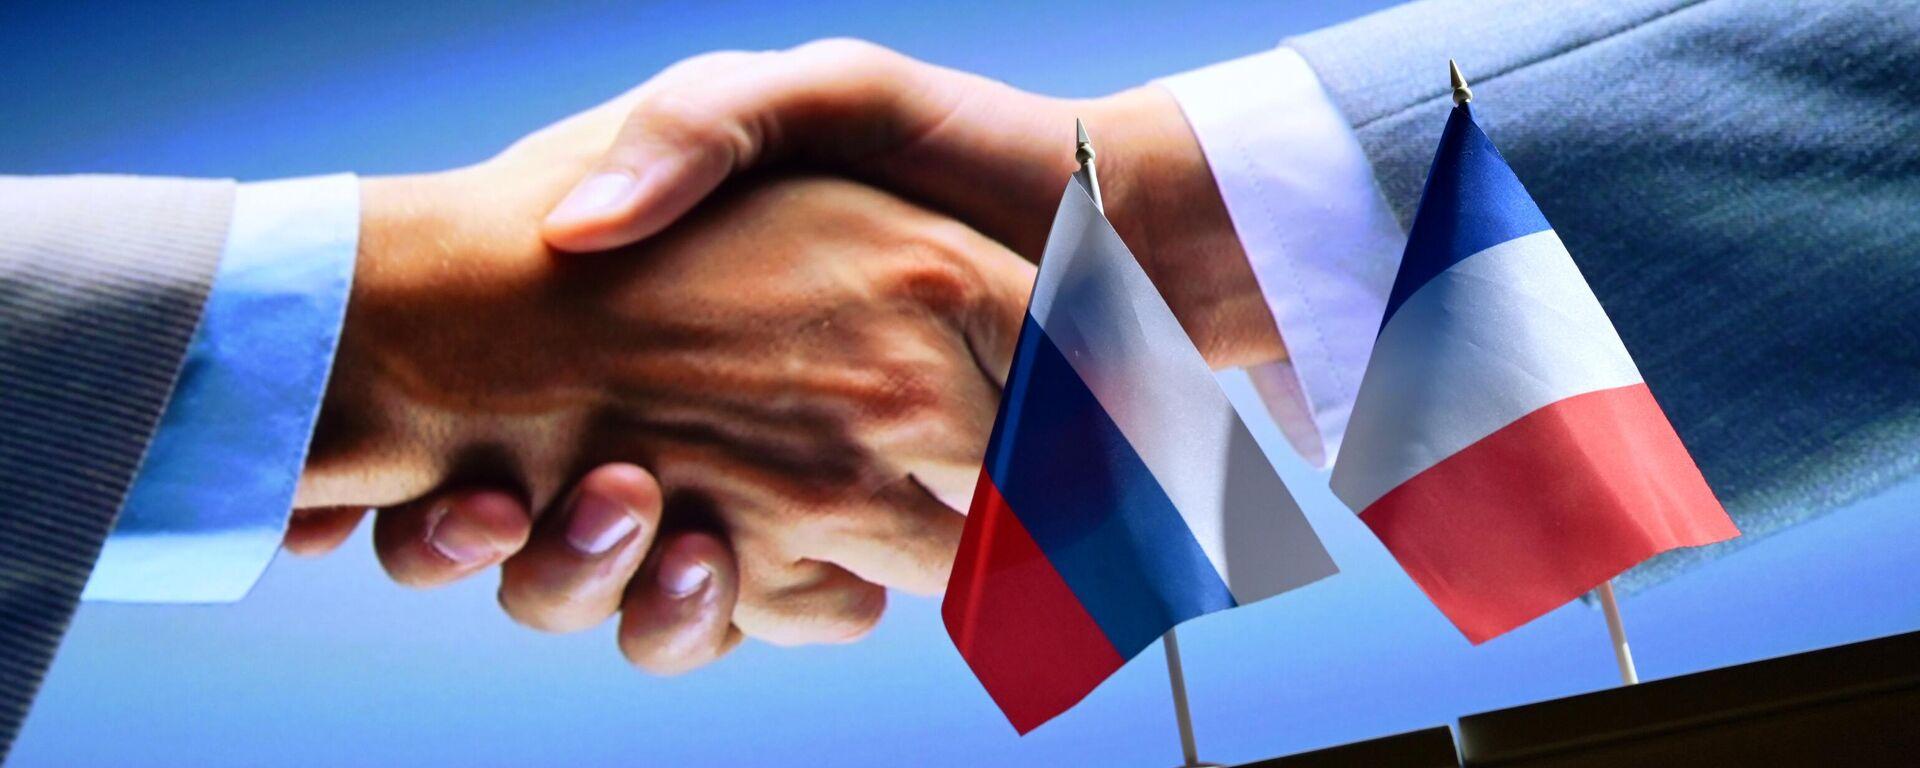 Рукопожатие на фоне государственных флагов России и Франции - Sputnik Latvija, 1920, 25.09.2021